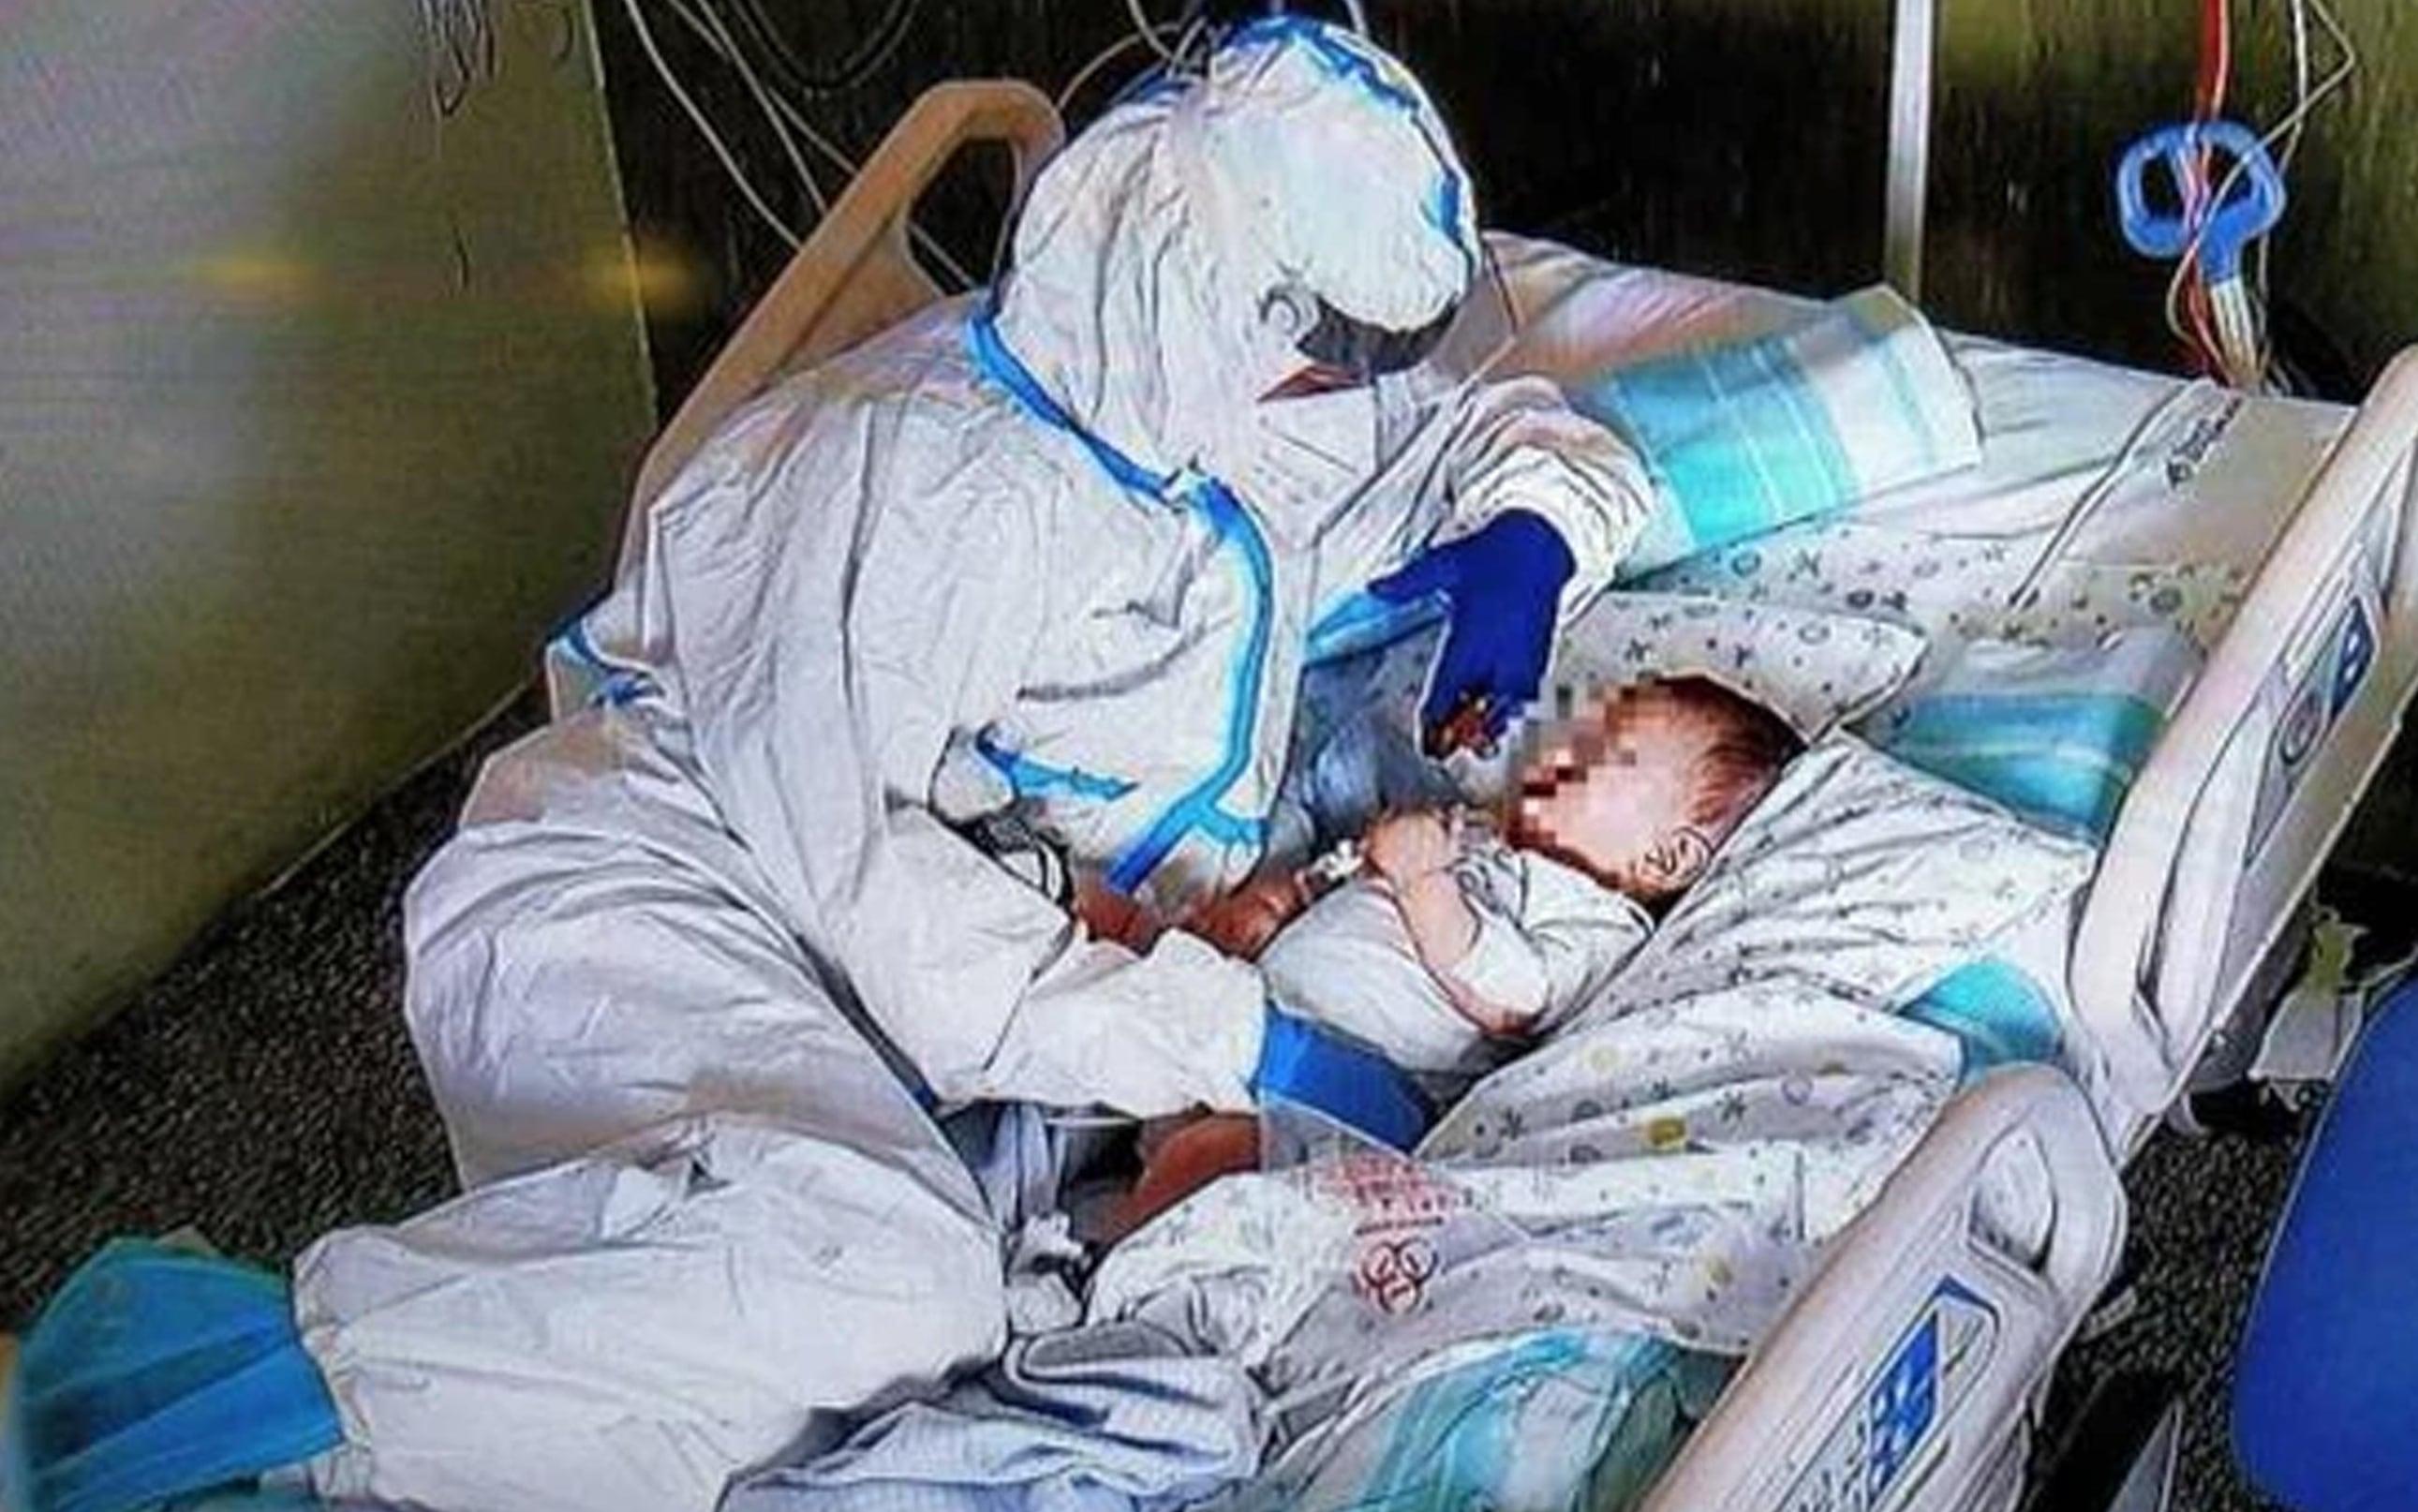 La foto scattata all'ospedale Salesi di Ancona